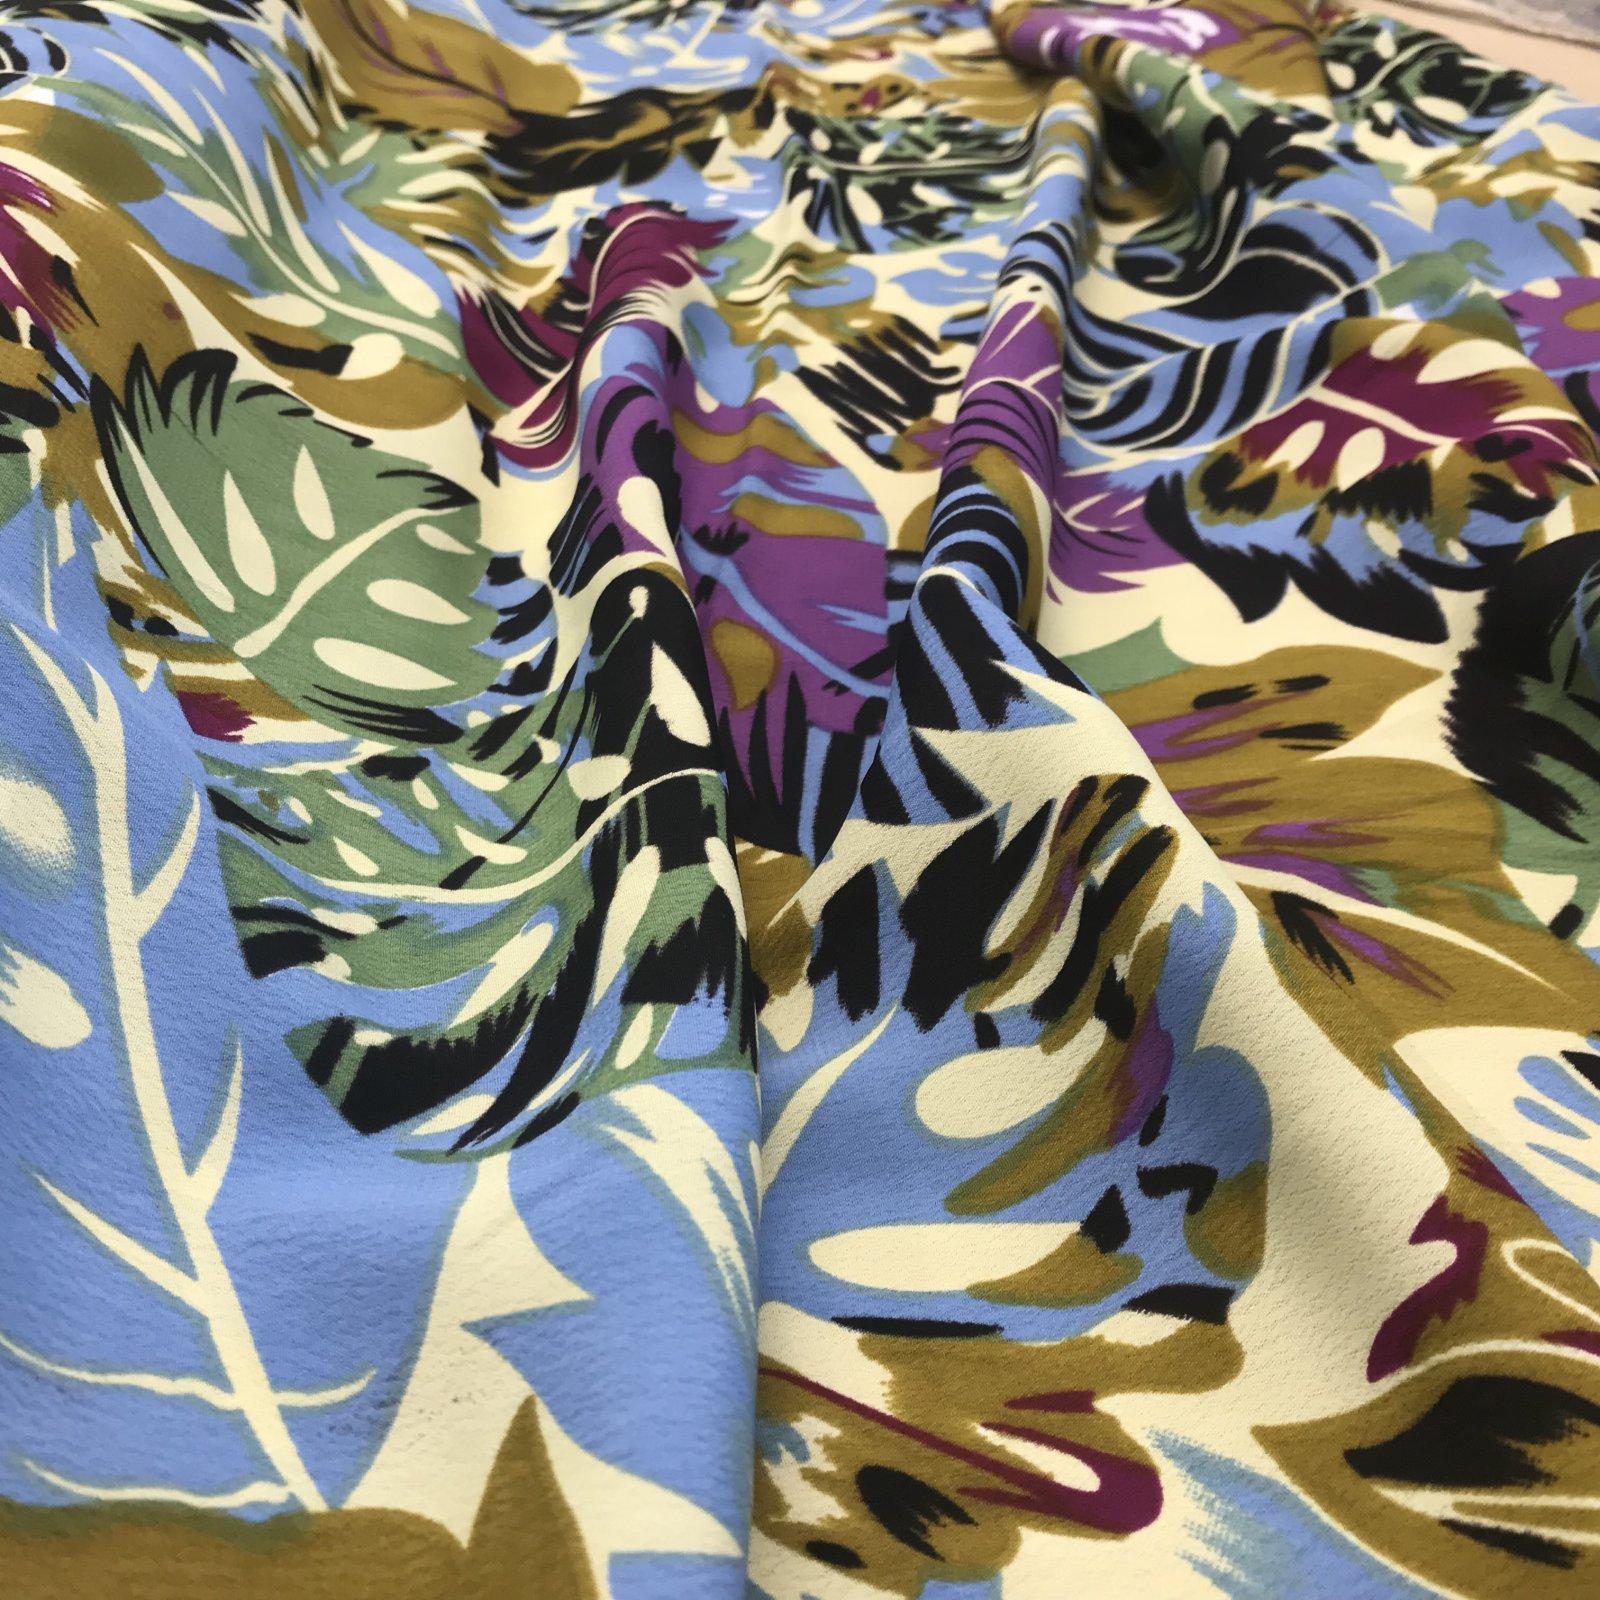 Rayon Crepe - Tropical Print